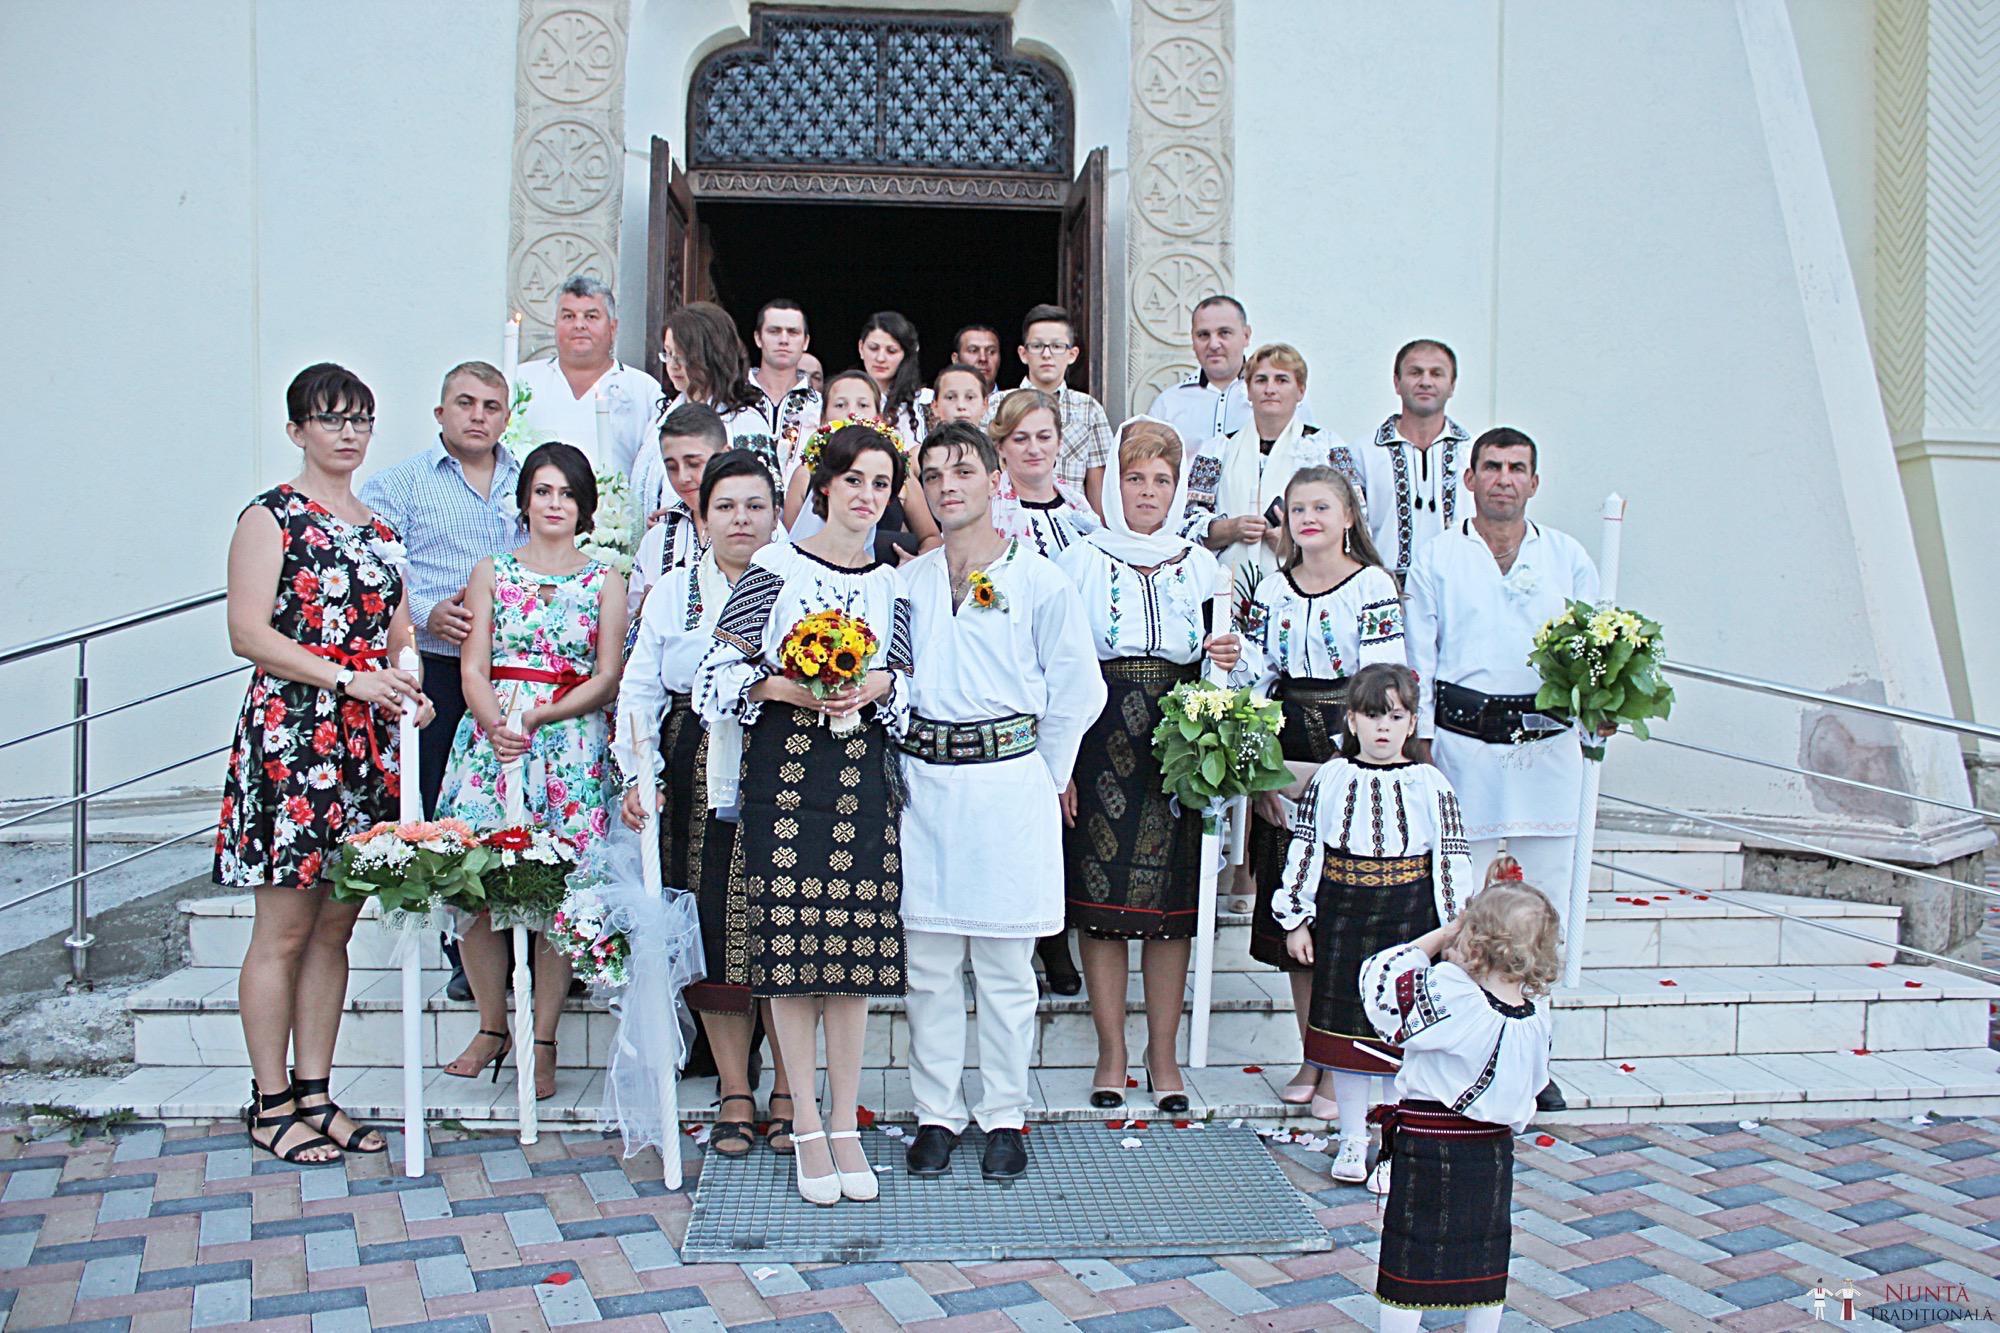 Povești Nunți Tradiționale - Geta și Gavril. Nuntă acasă, în Bucovina. 11